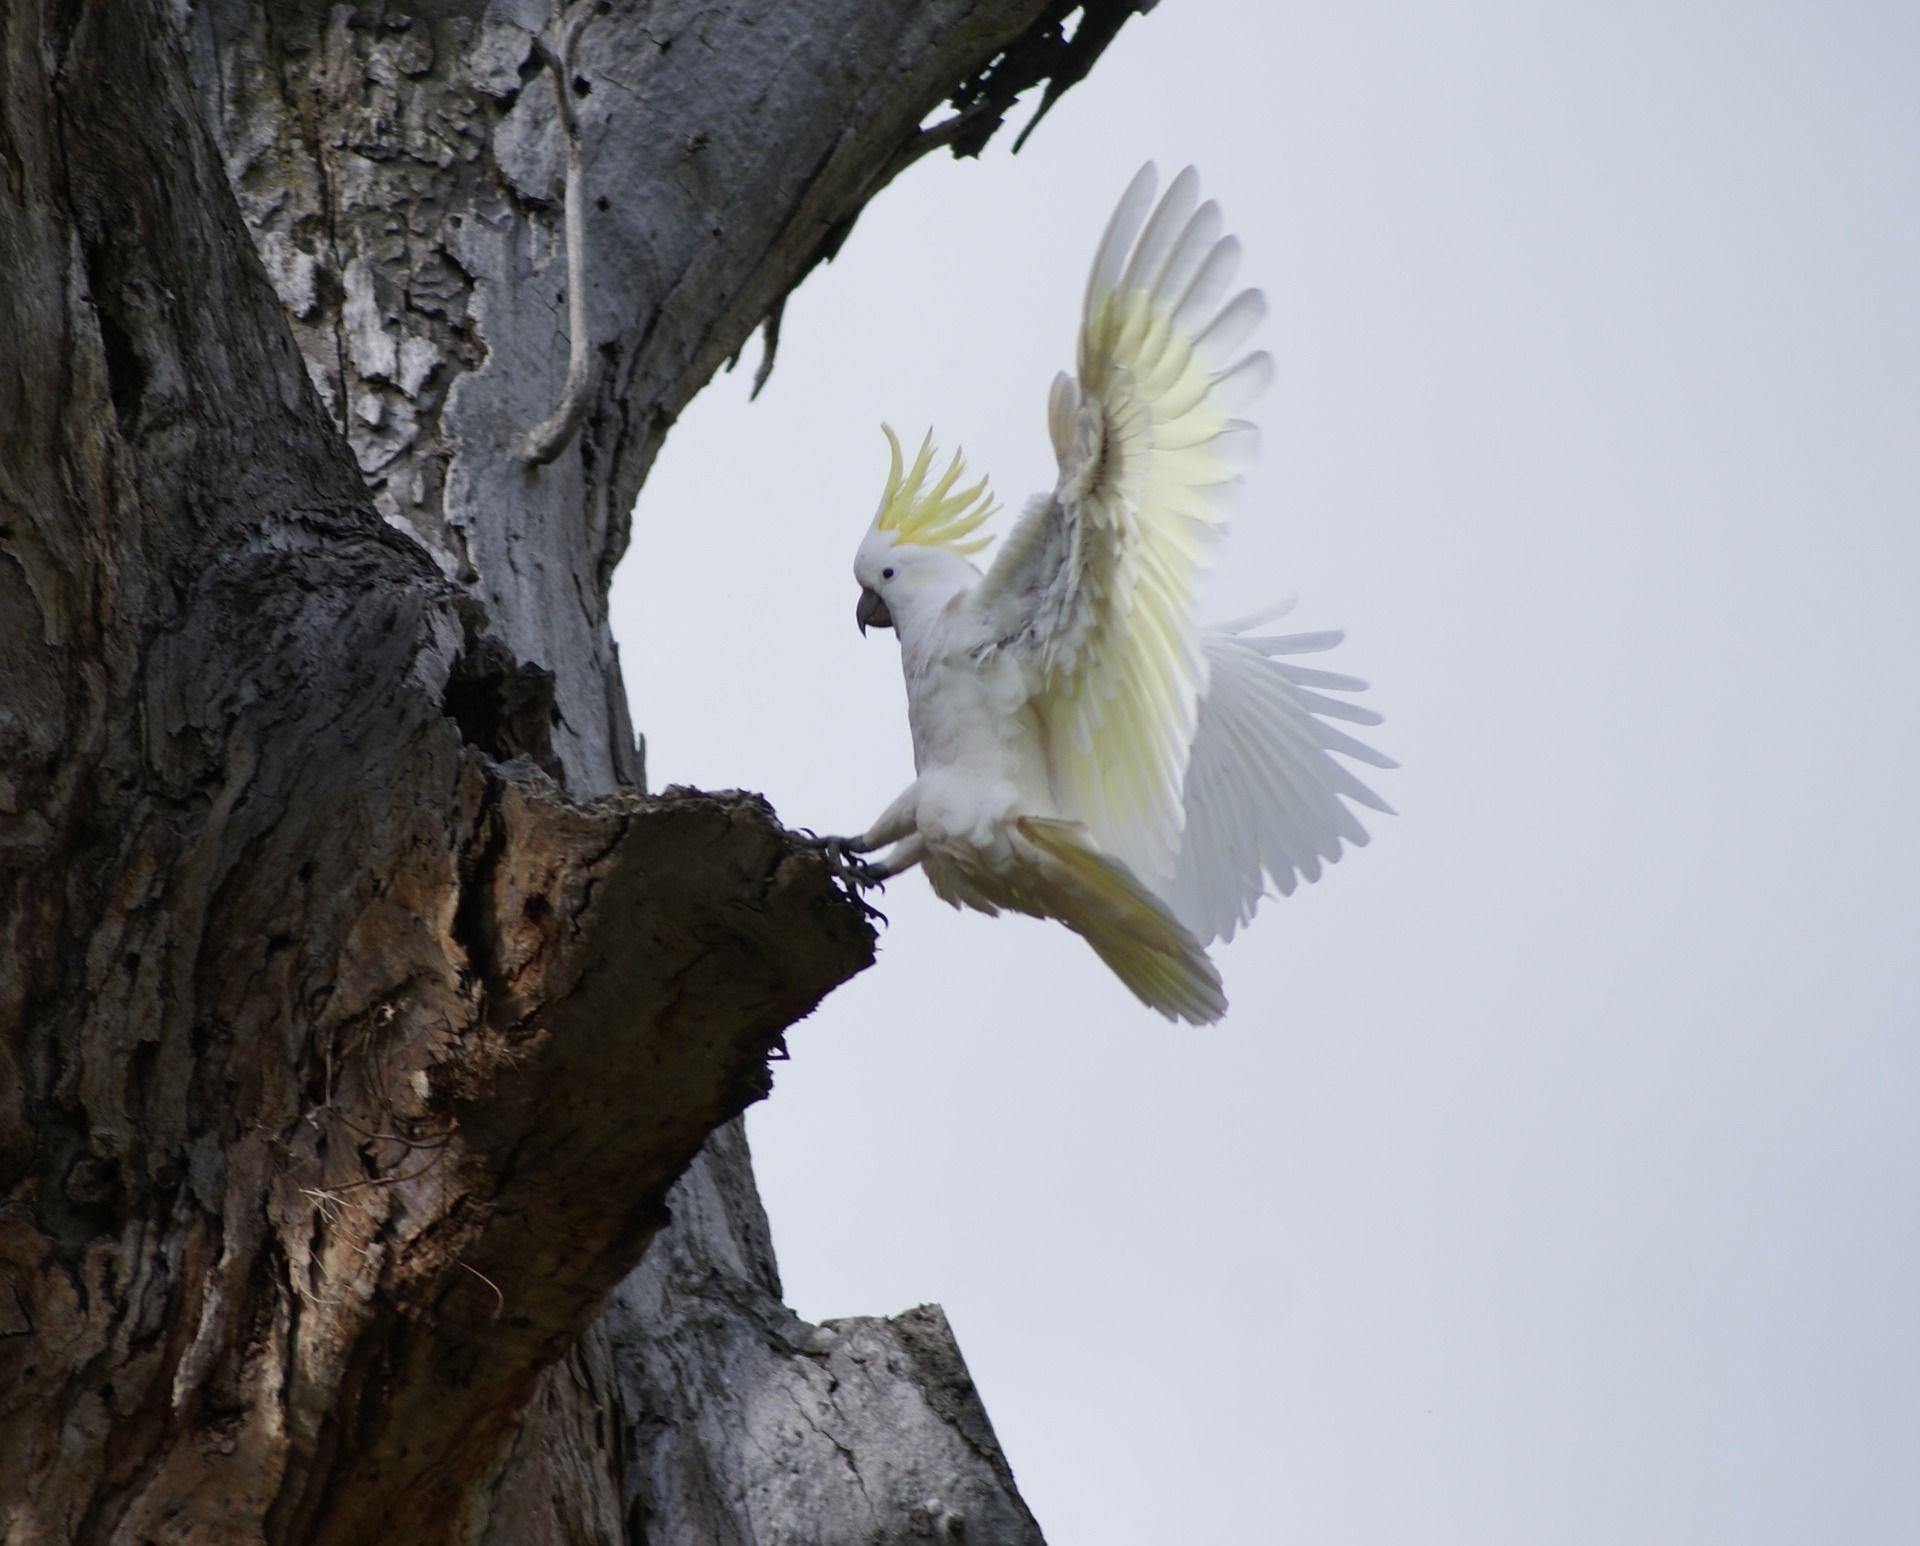 Смотреть лучшую картинку белого Какаду